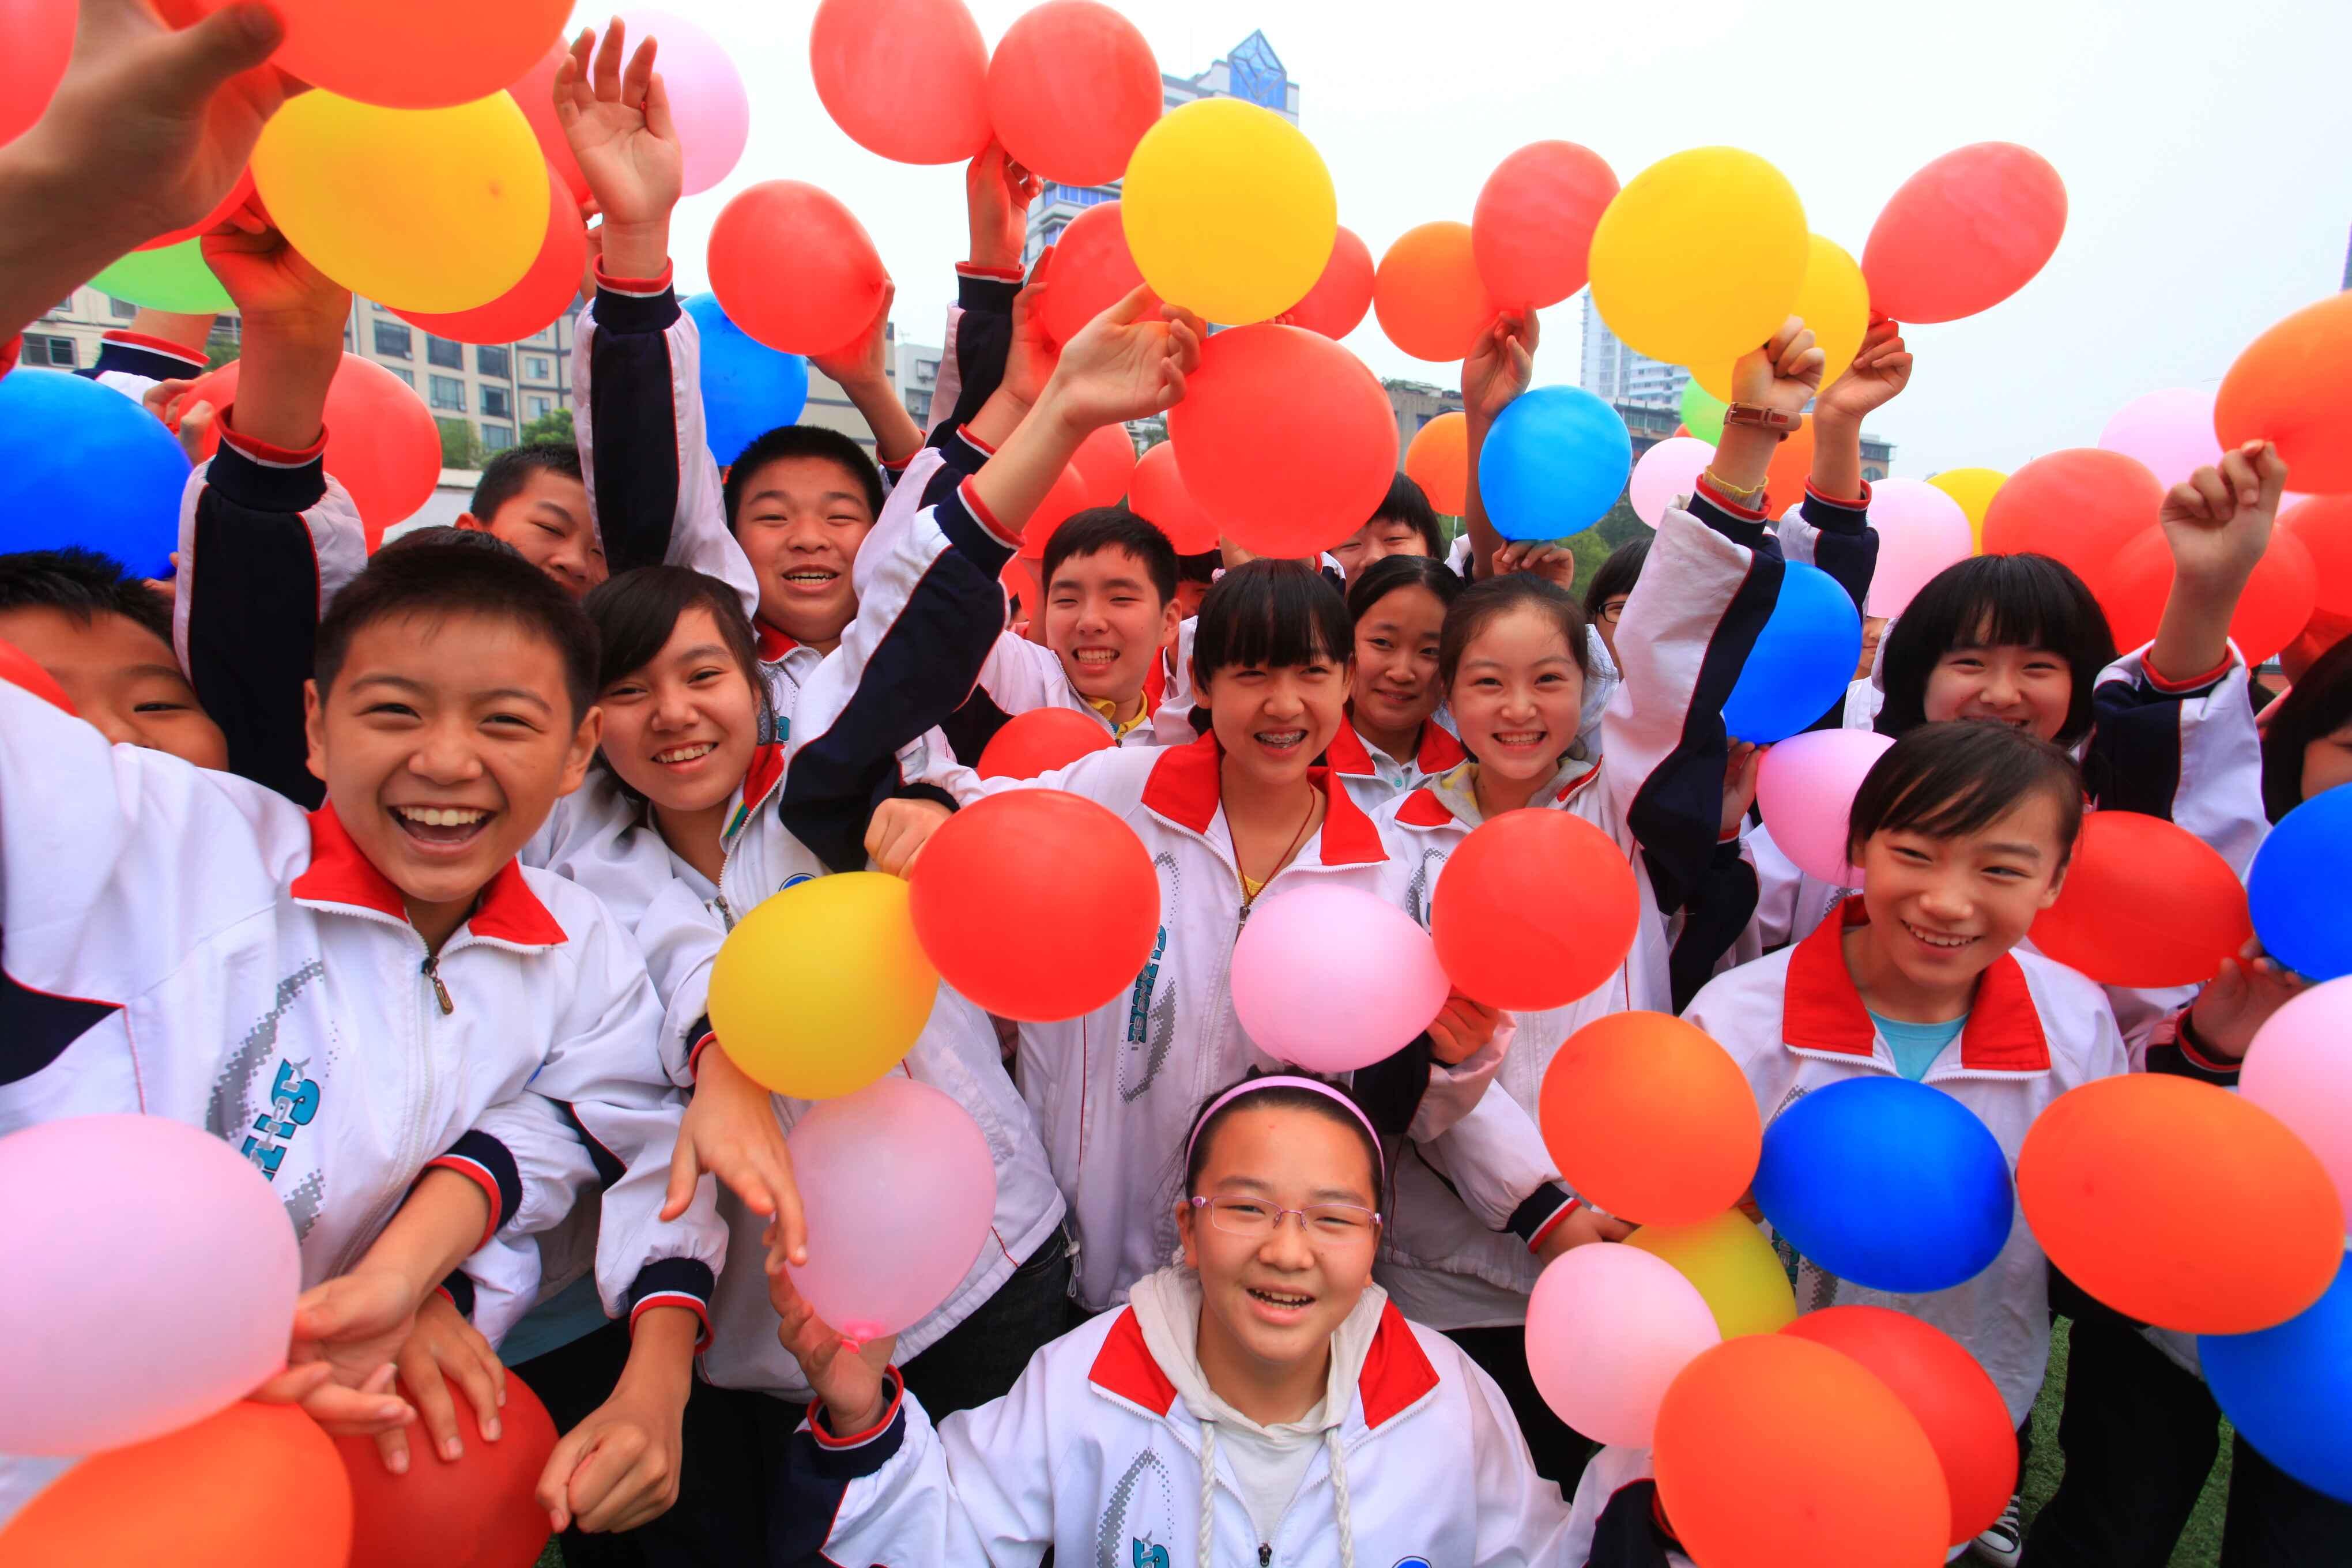 宜昌,令人向往的健康城市